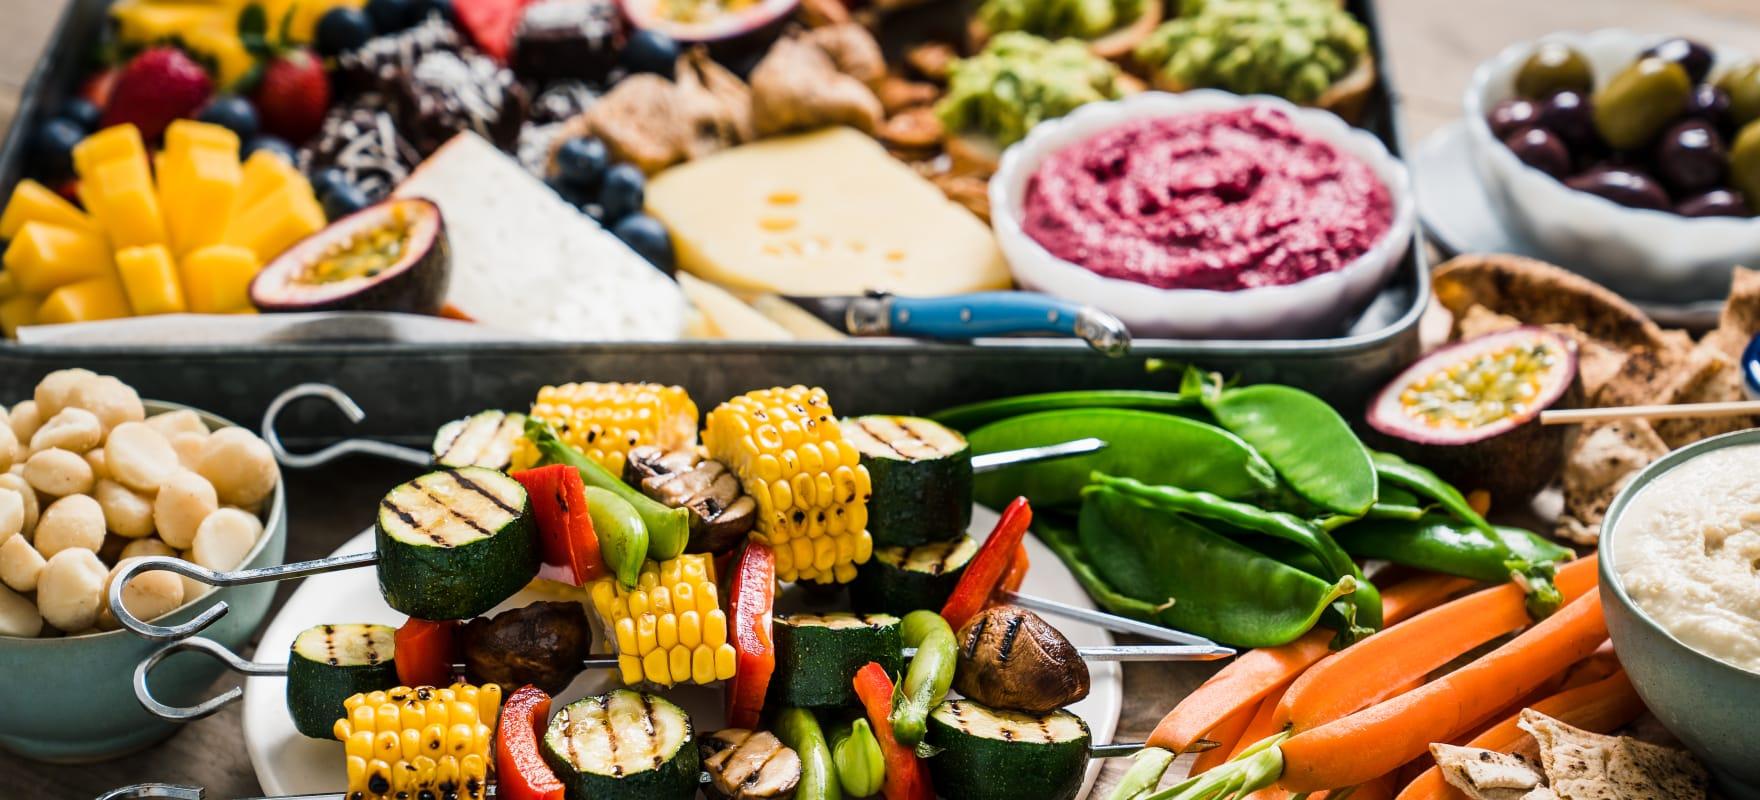 Summer BBQ grazing platter image 2